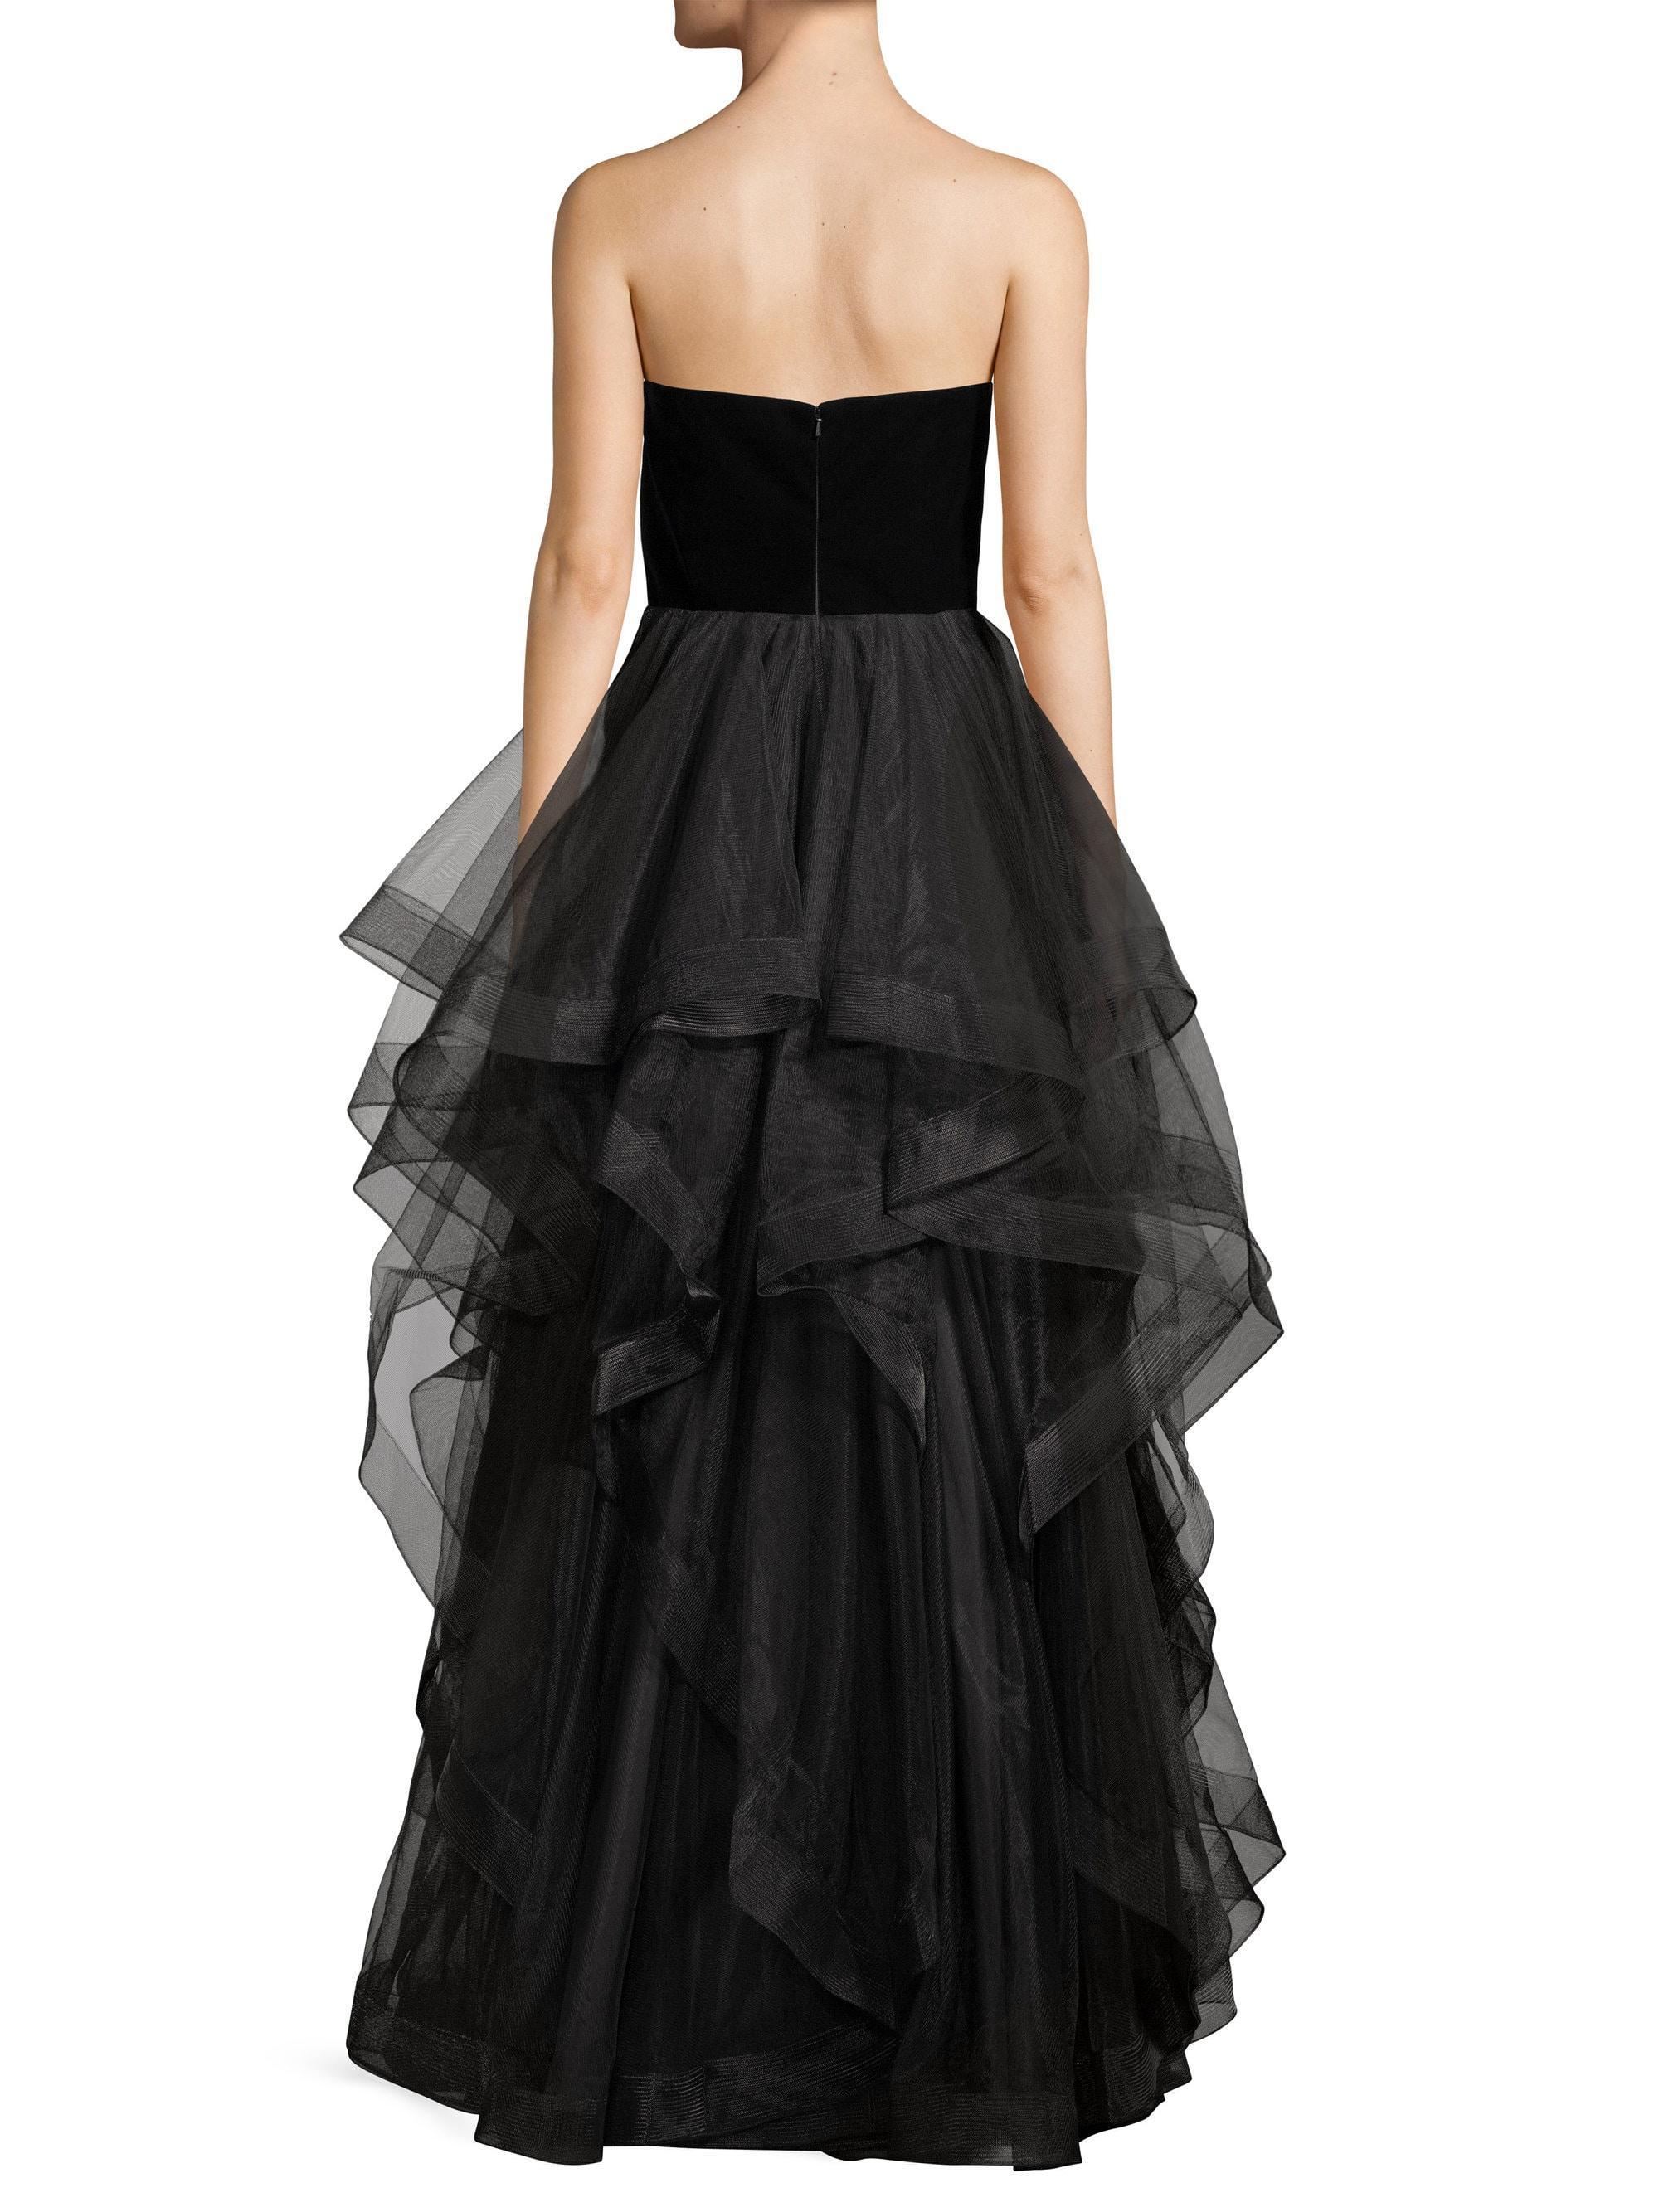 540193277ec4 Basix Black Label Women's Strapless Velvet Cascade Tulle Gown - Black in  Black - Lyst